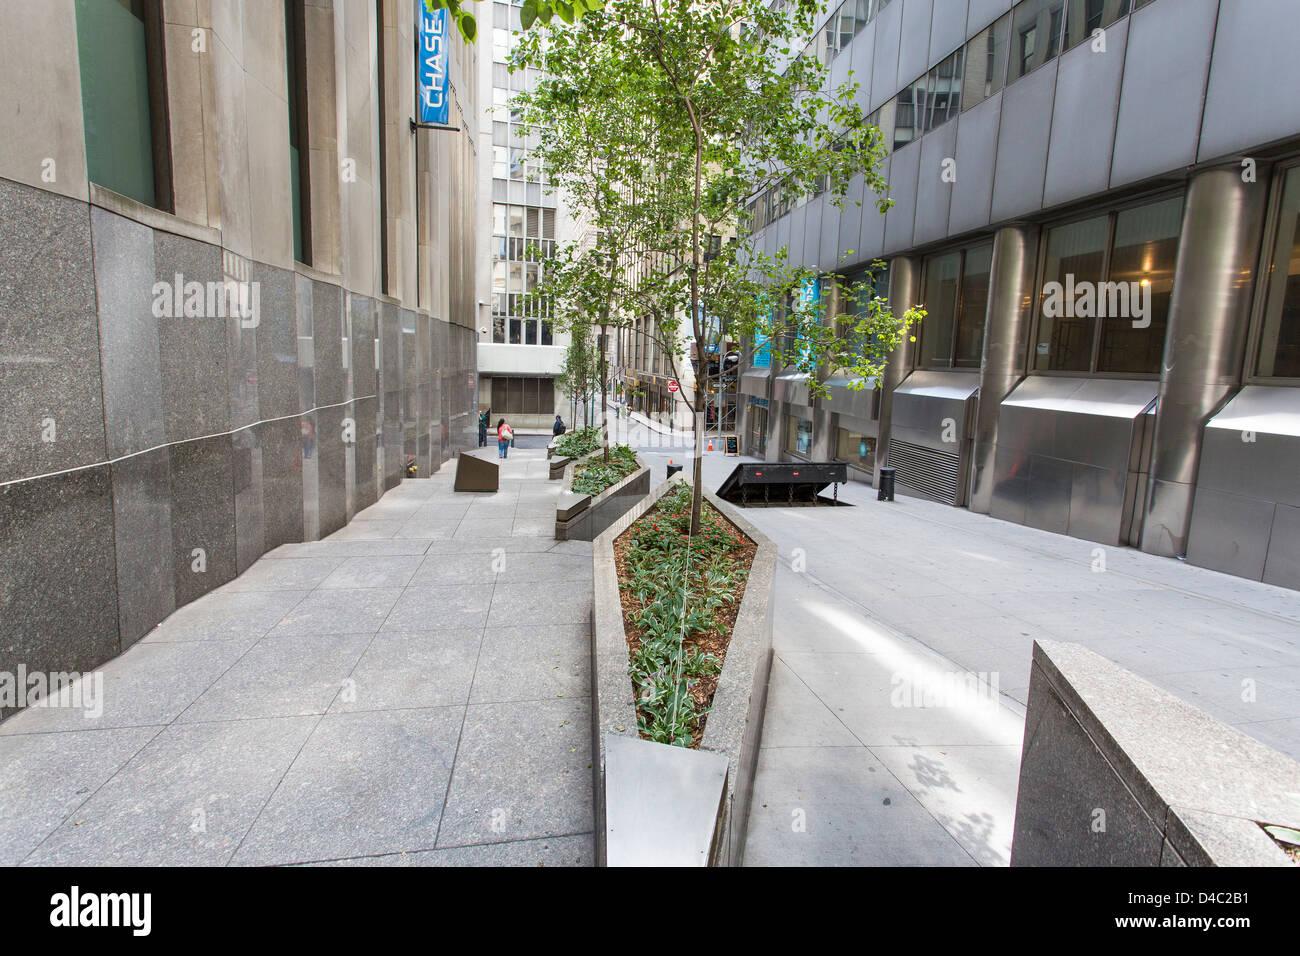 Blocus de sécurité / barricade à la Bourse de New York - Wall Street Photo Stock